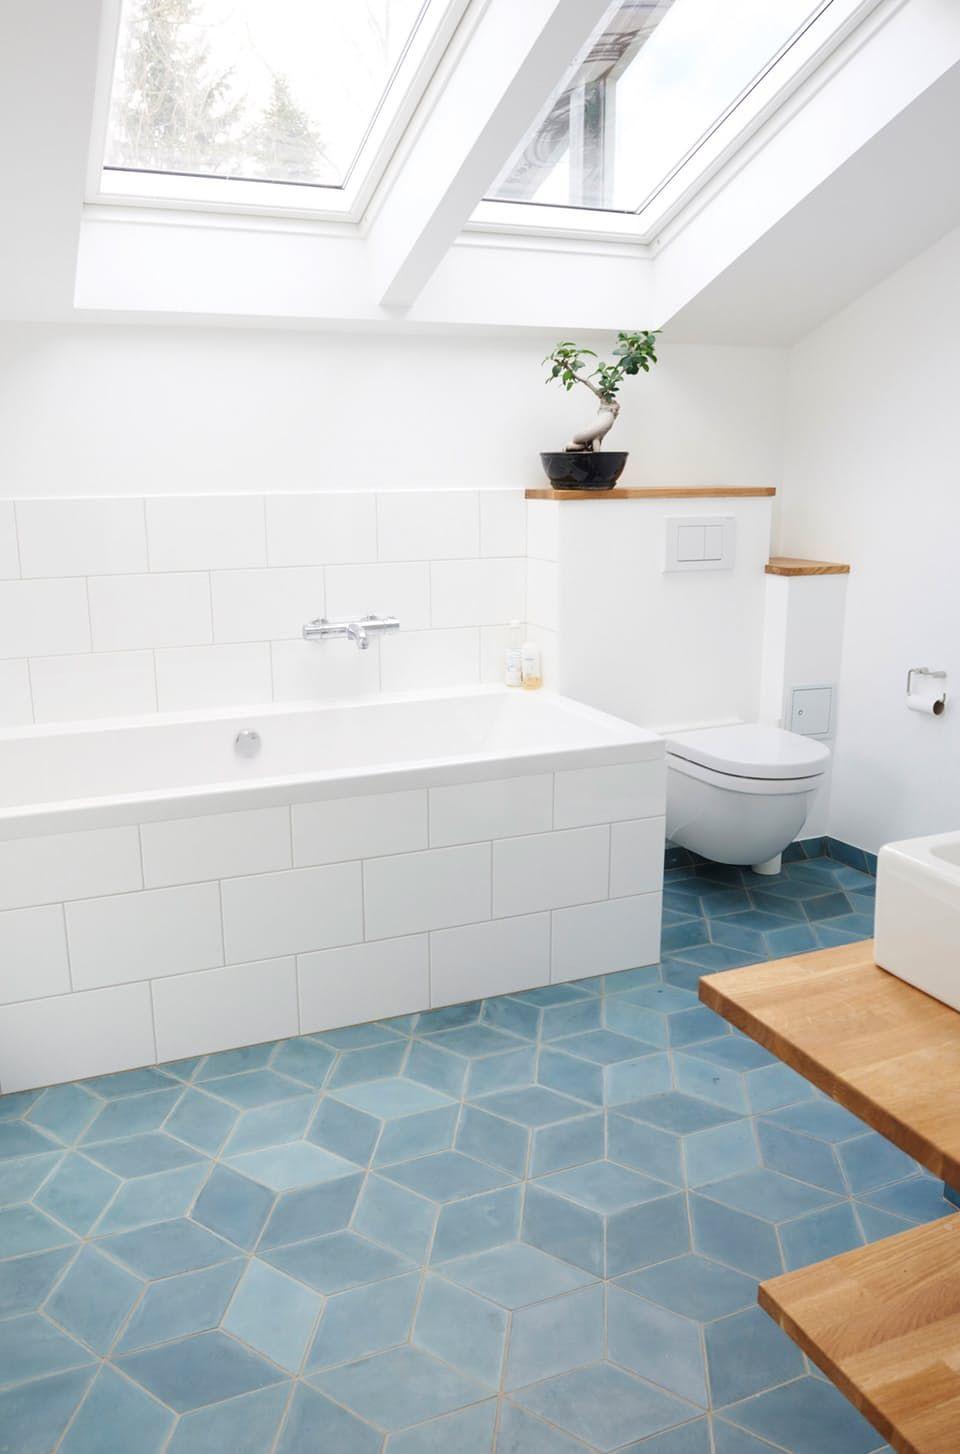 15+ Luxury Bathroom Tile Patterns Ideas | Tile patterns, Bathroom ...